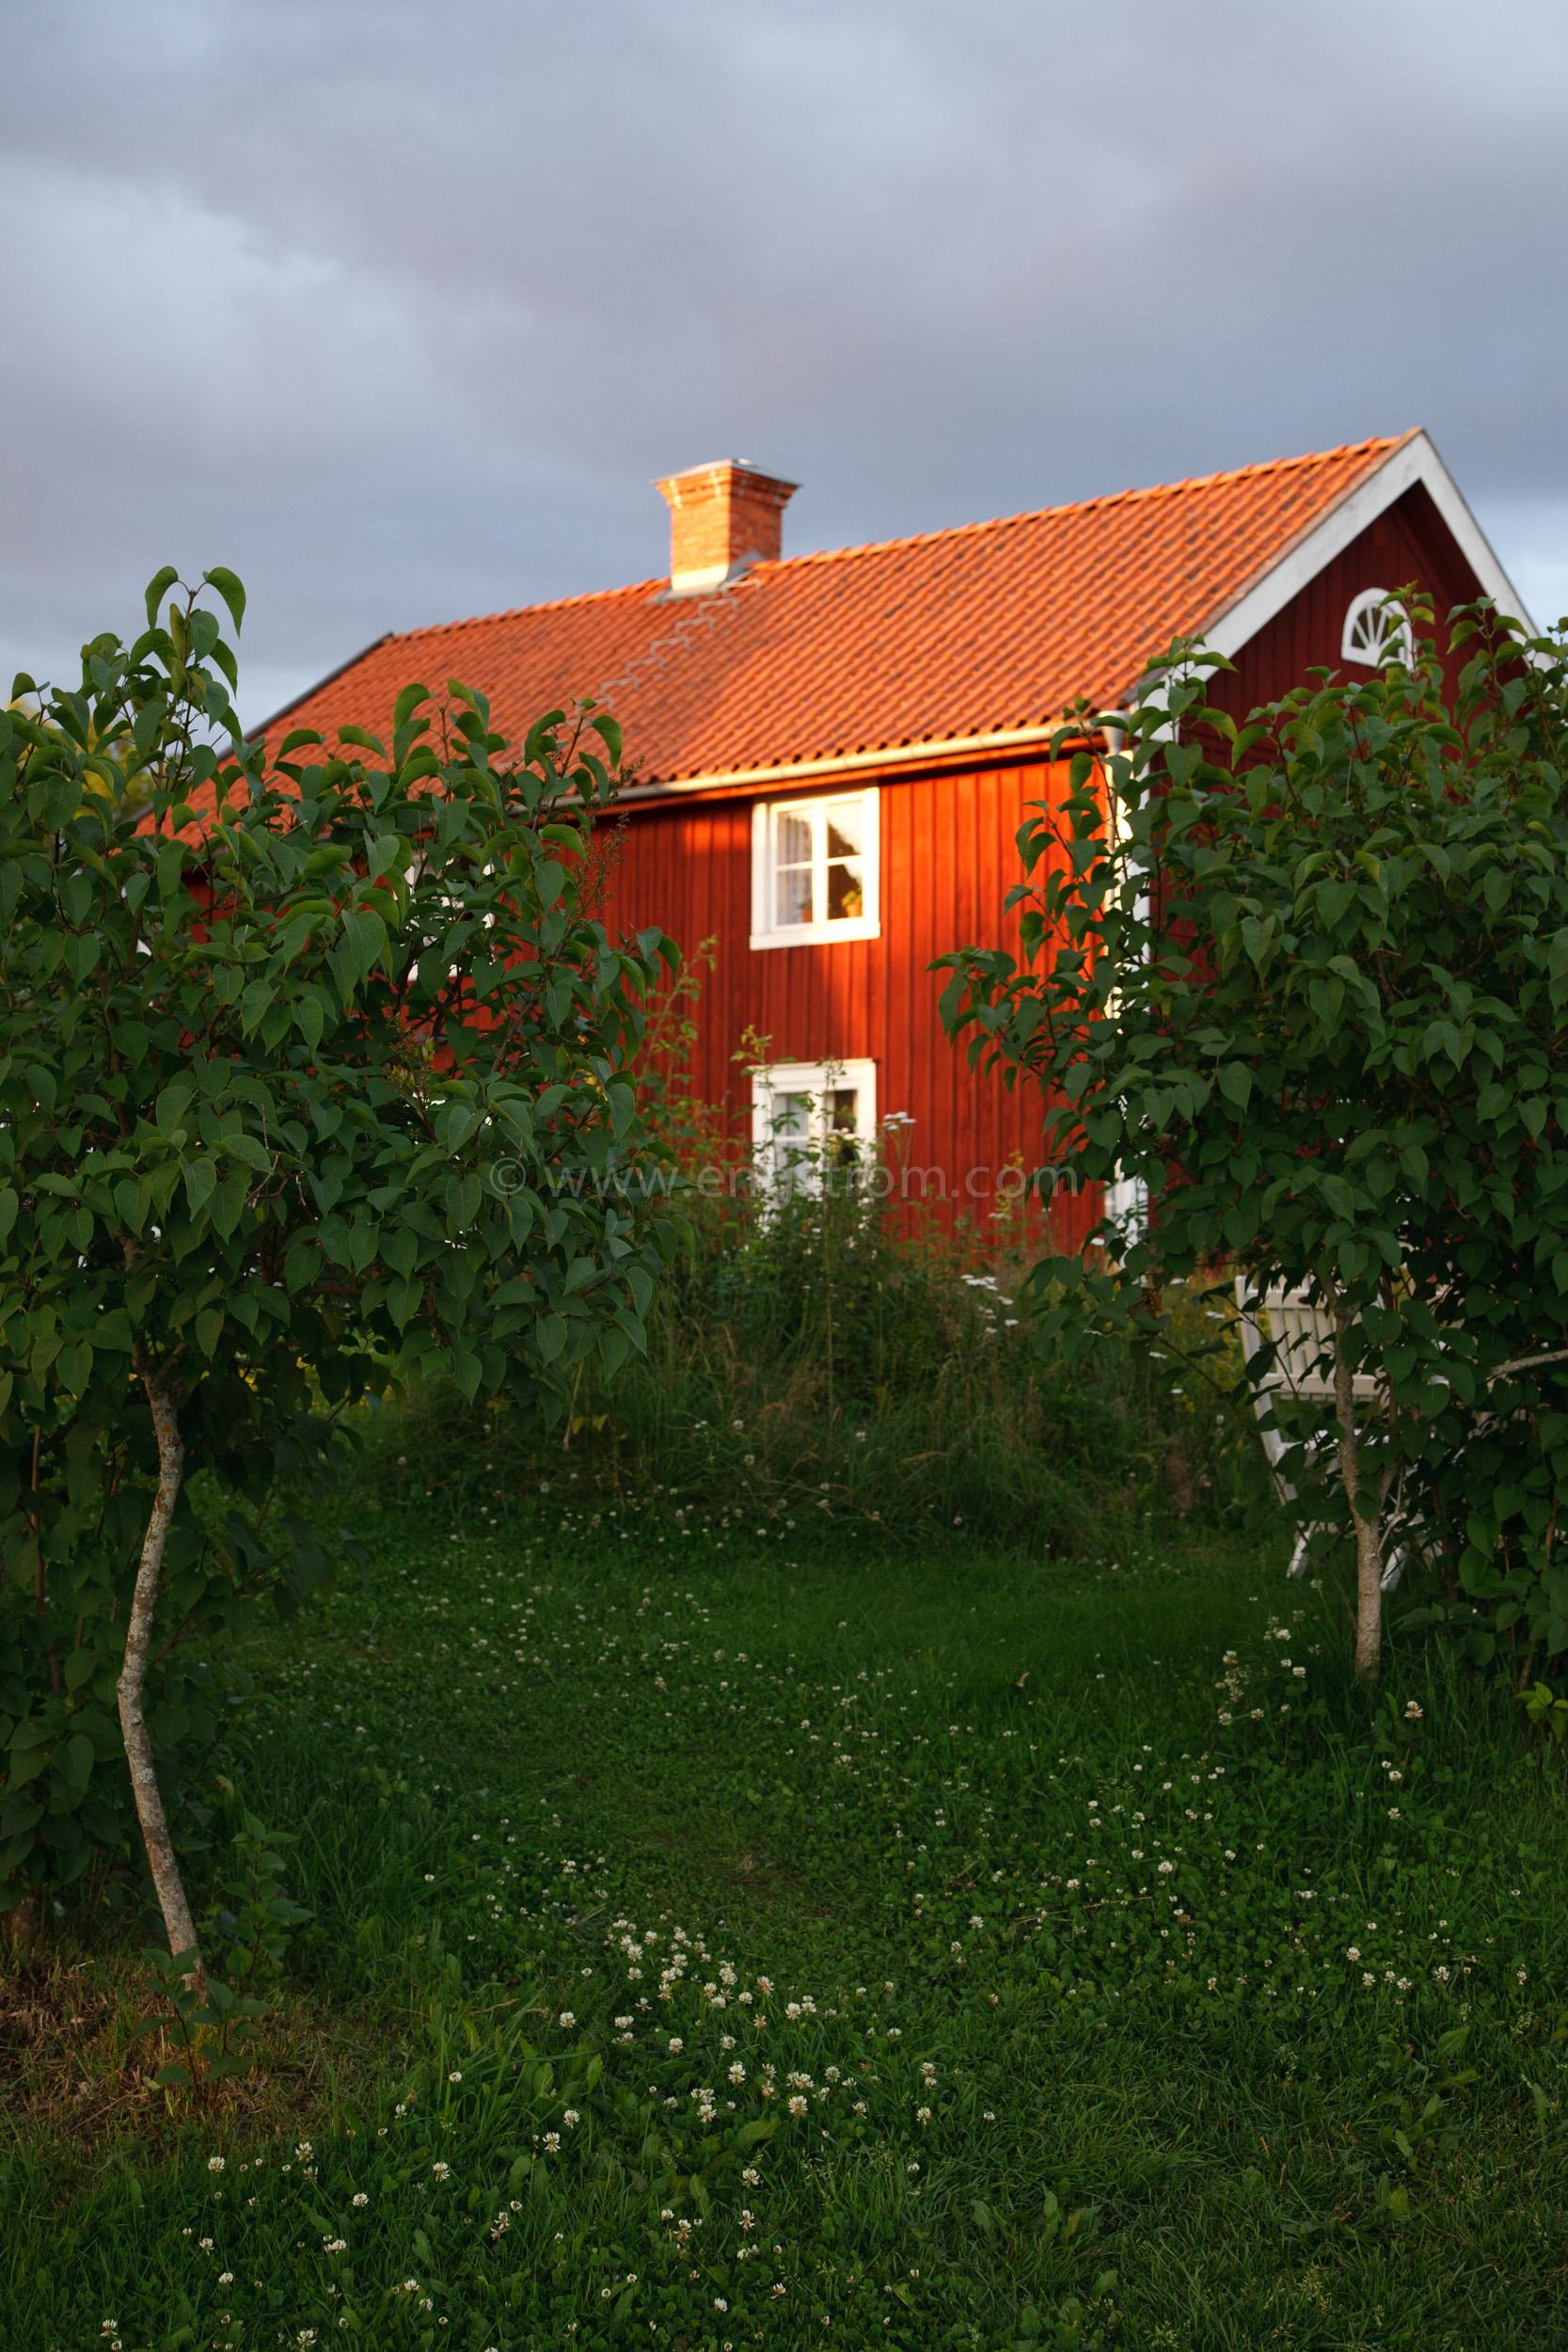 JE_20110707-201716, Rött hus med vita knutar i kvällssol, Jonas Engström